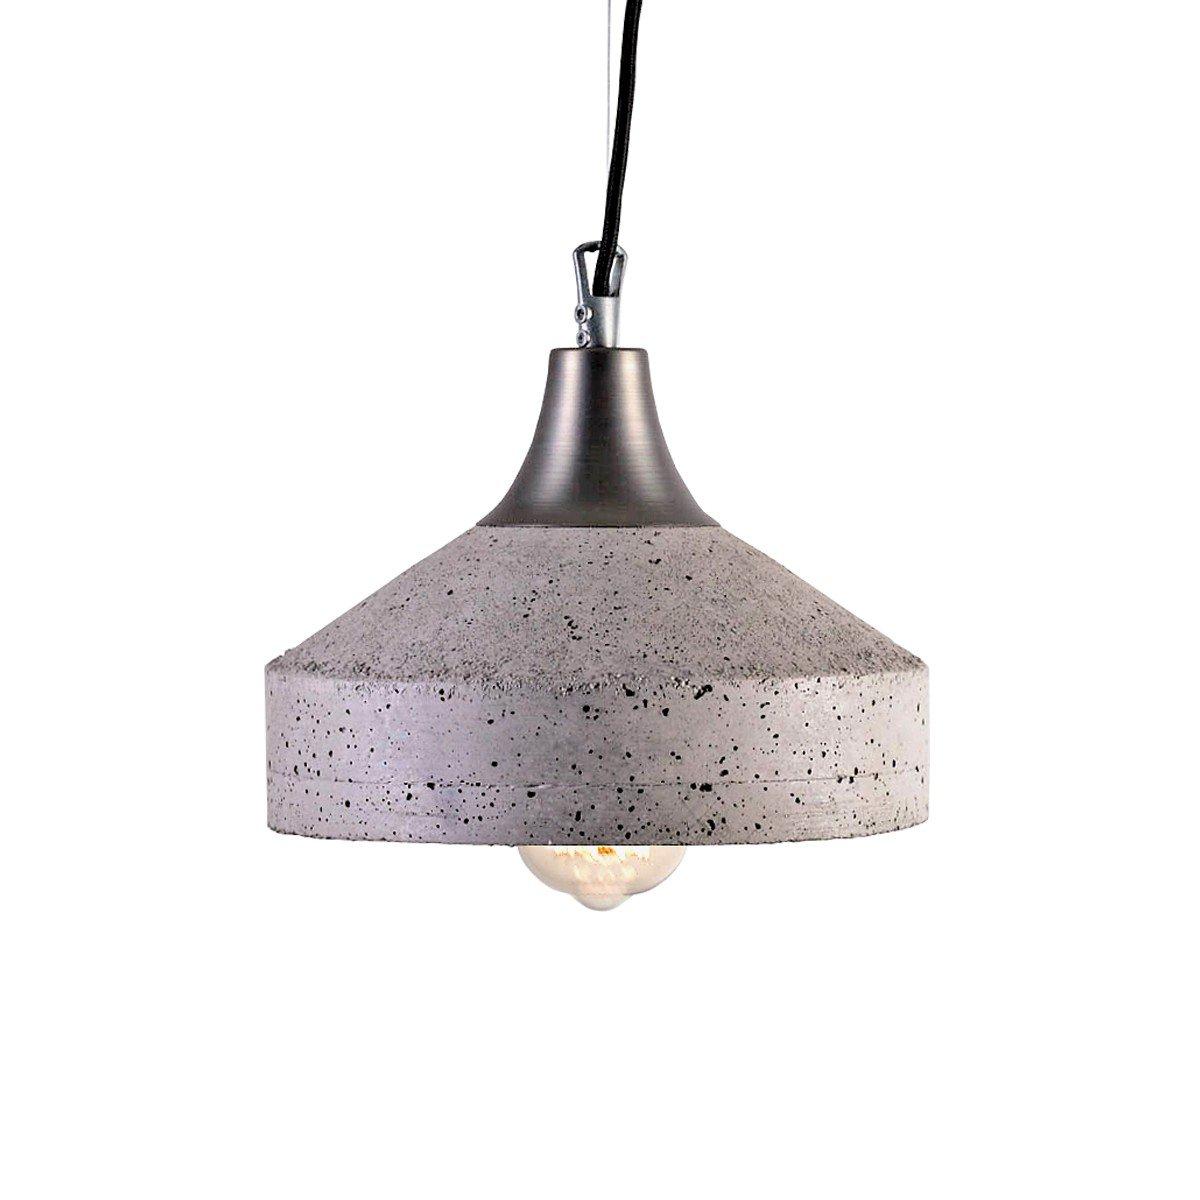 Vulcano Lampe aus grauem Zement von Bogumi? Gala für Galaeria